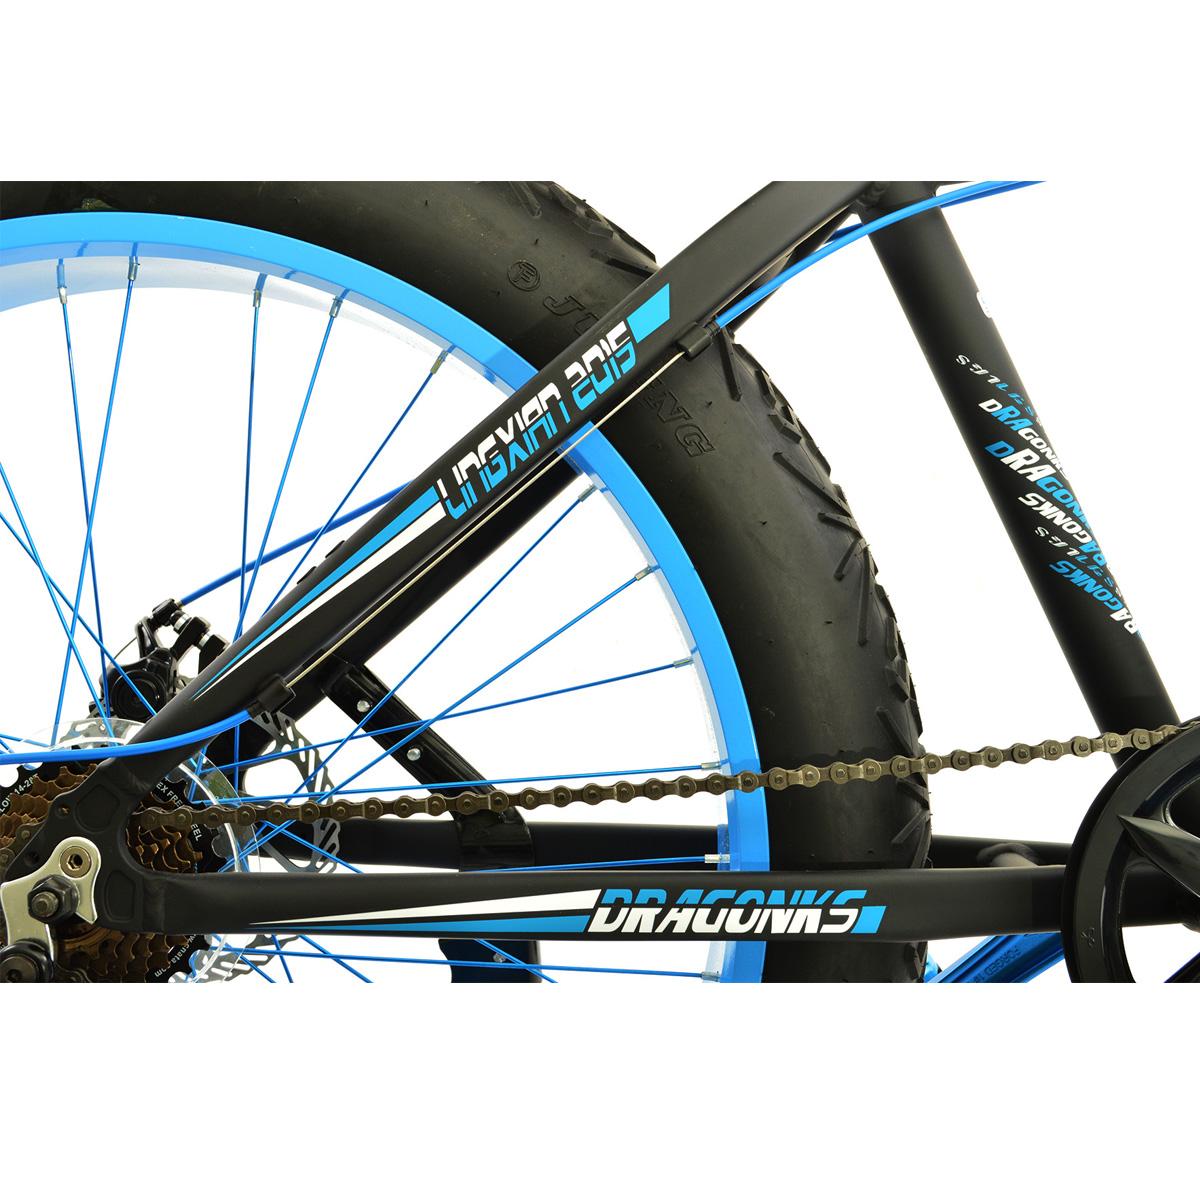 Xe Fatbike bánh xe 26 BOB02606-FAT màu đen-xanh dương